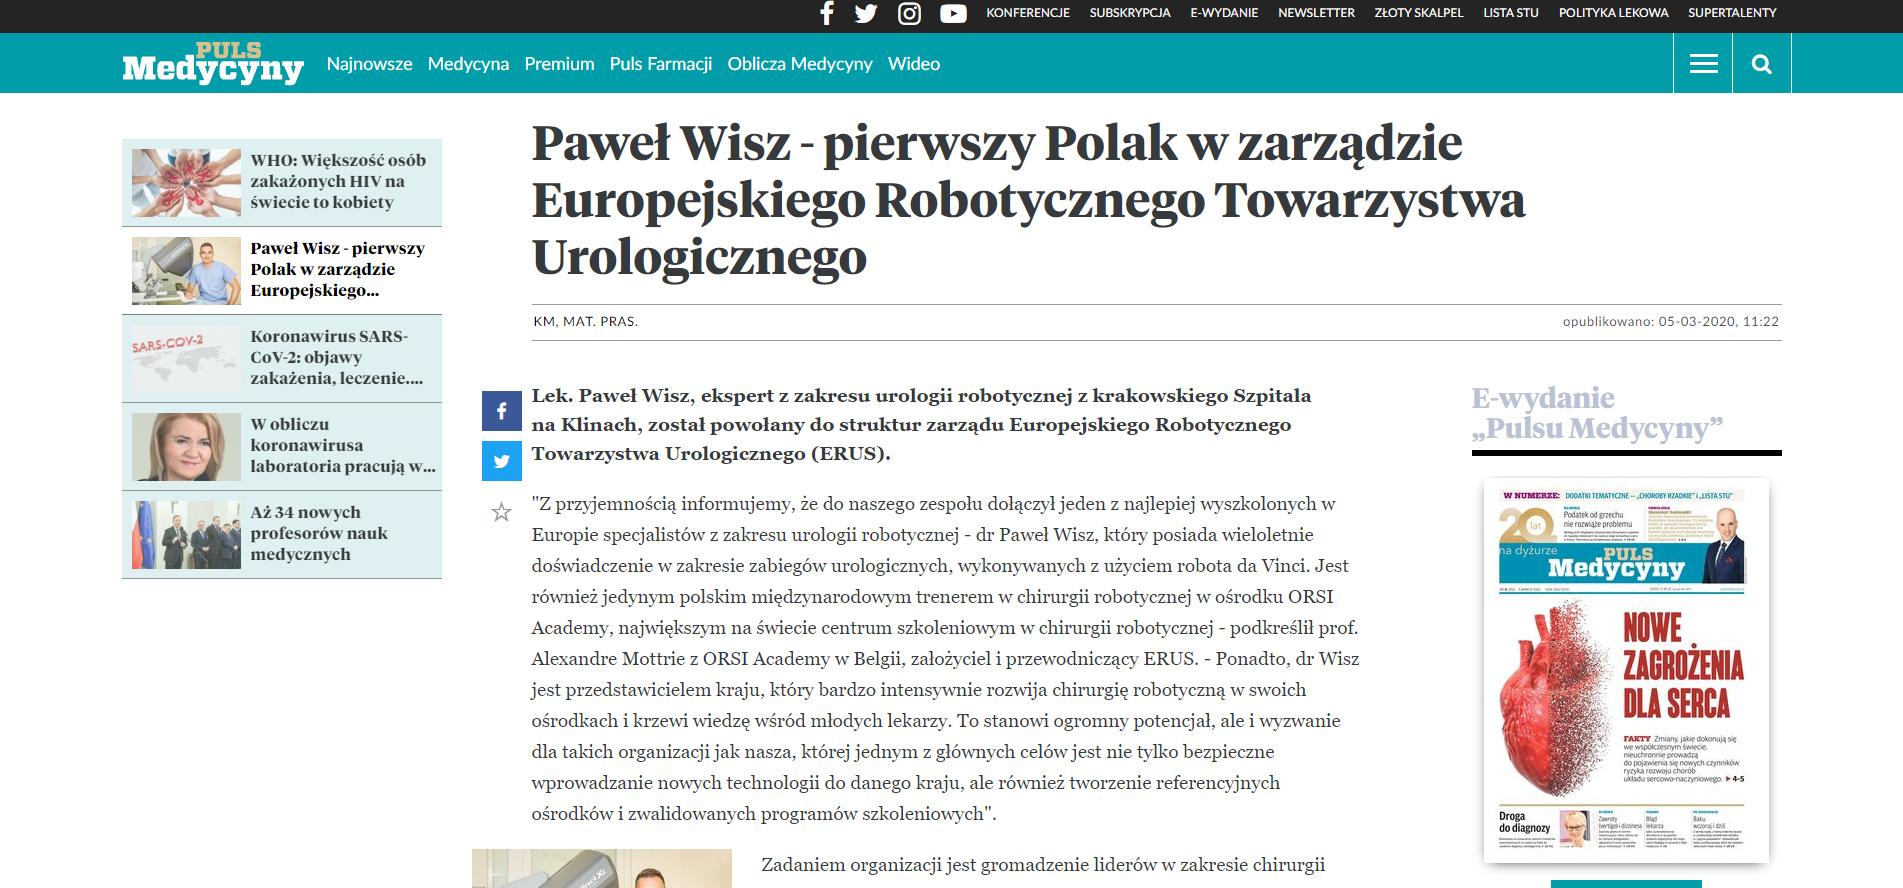 Paweł Wisz - pierwszy Polak wzarządzie Europejskiego Robotycznego Towarzystwa Urologicznego